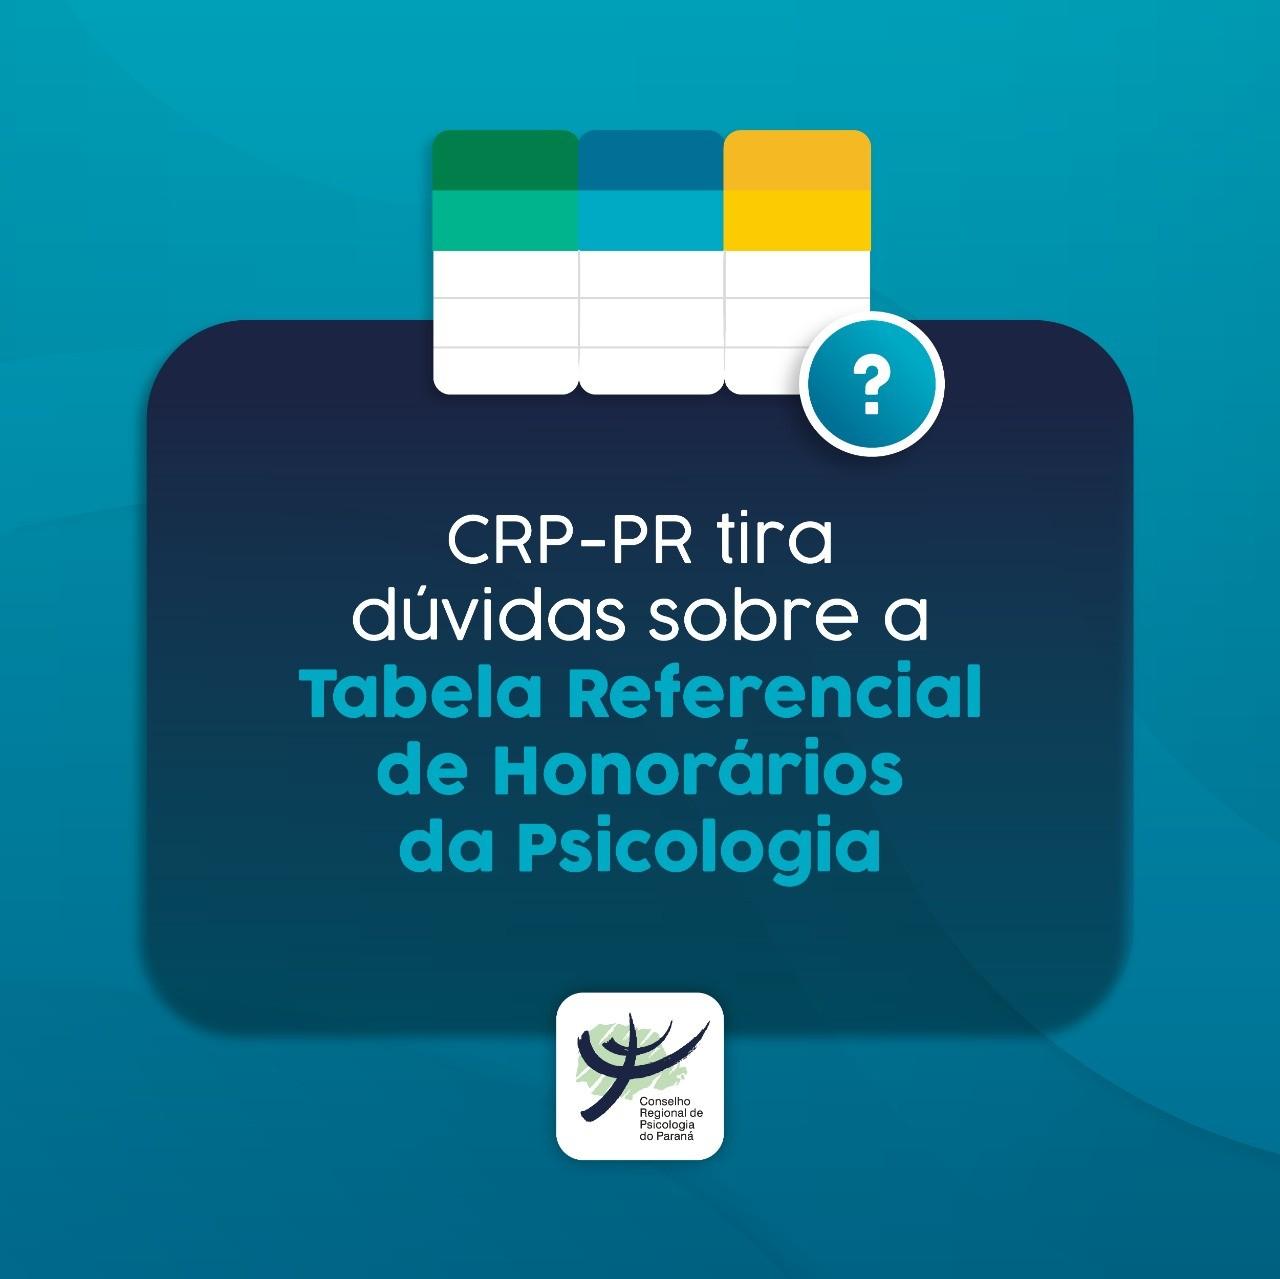 CRP-PR tira dúvidas sobre a Tabela Referencial de Honorários da Psicologia